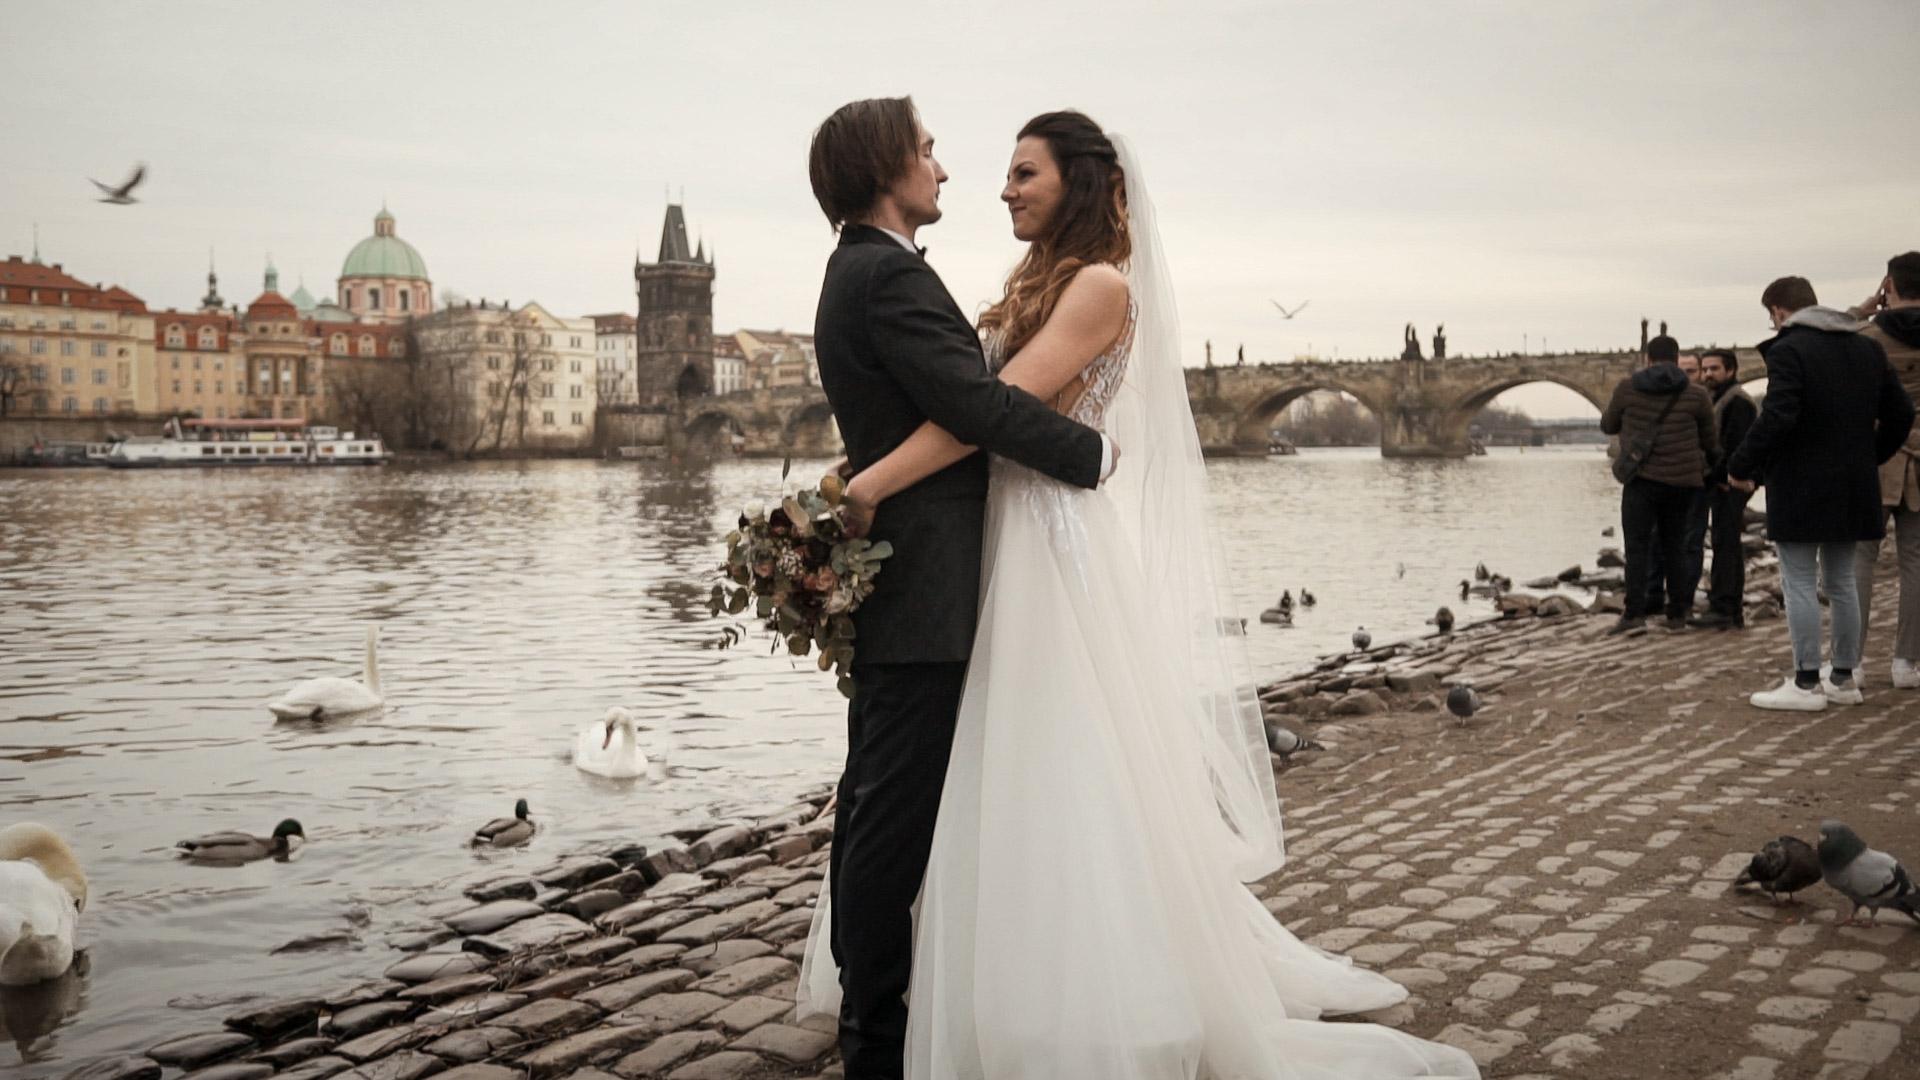 Nejkrásnější svatba v Praze. Romantická svatba v Pražské křižovatce